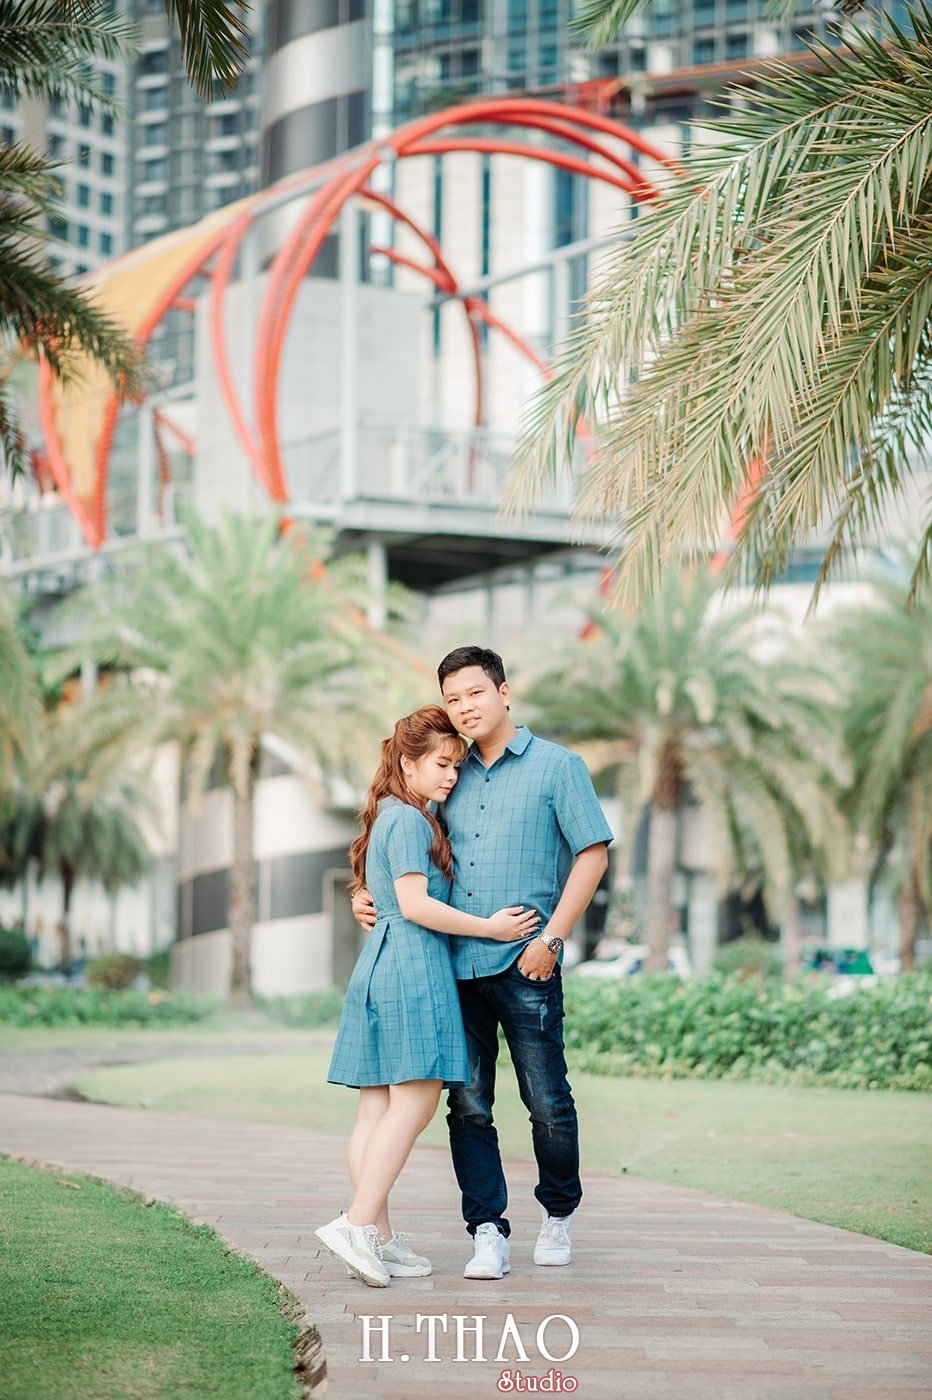 Couple 18 - Top #10 địa điểm chụp hình ngoại cảnh đẹp nhất Tp.HCM - HThao Studio